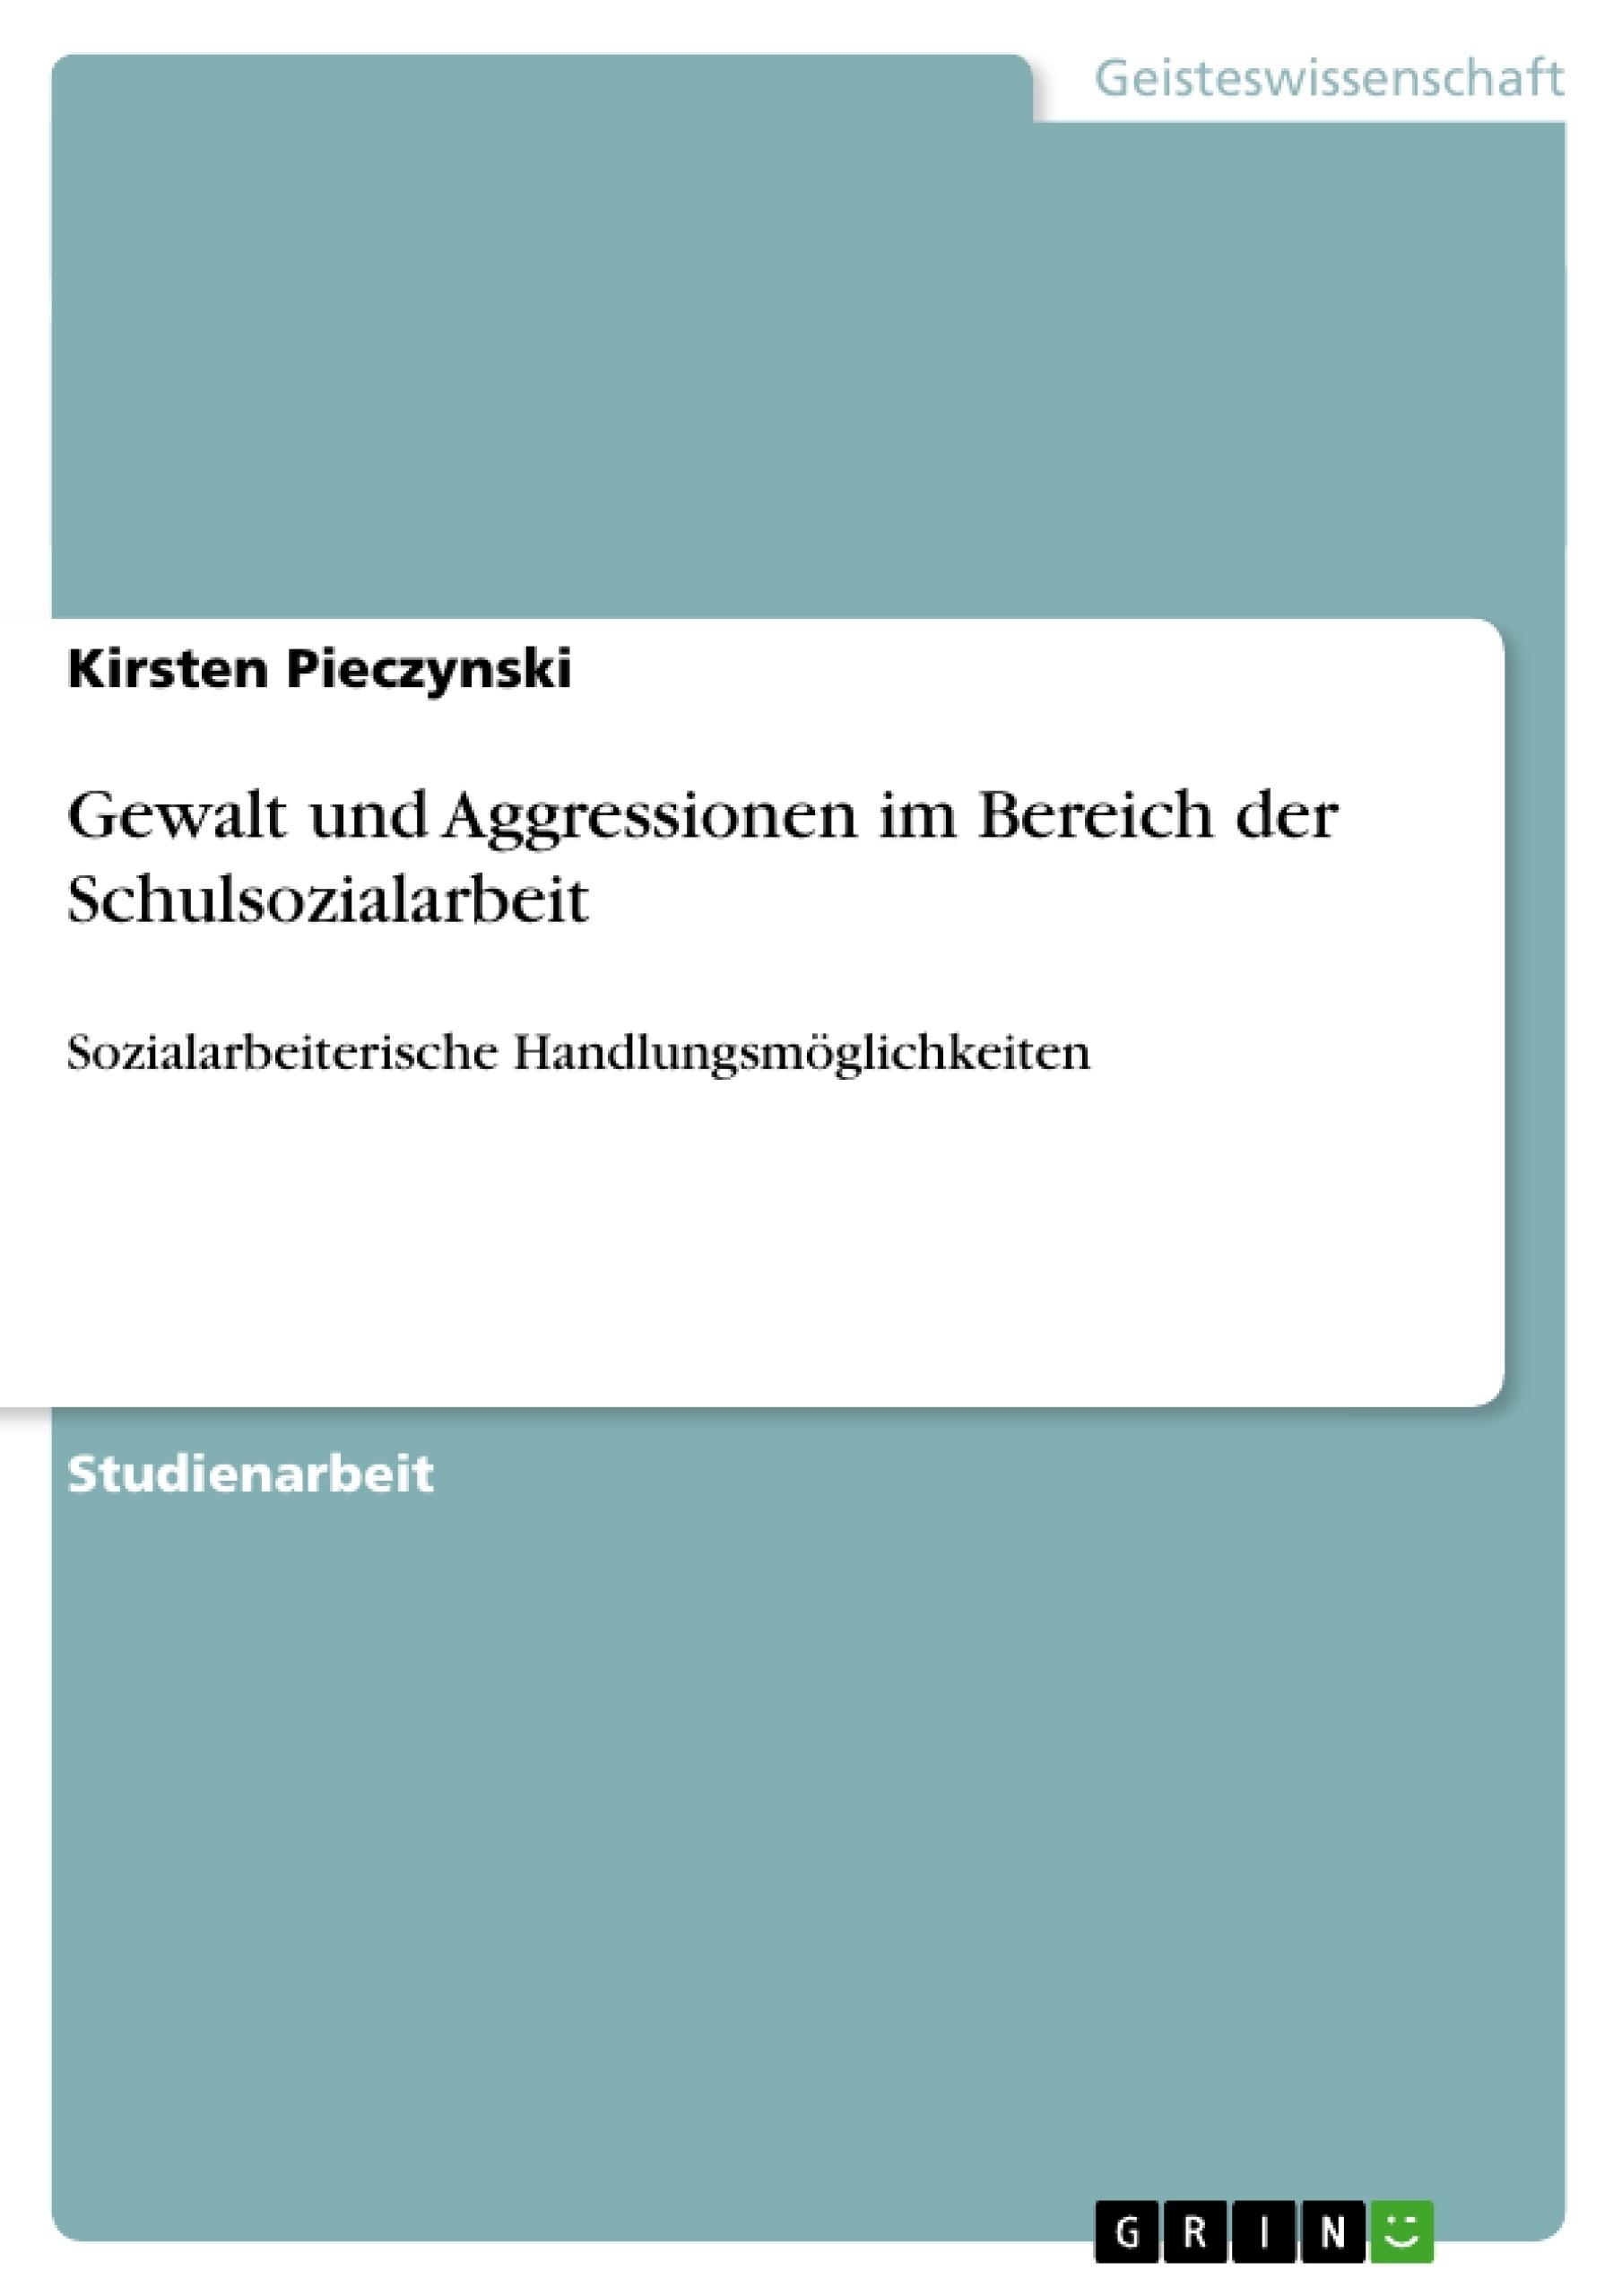 Titel: Gewalt und Aggressionen im Bereich der Schulsozialarbeit